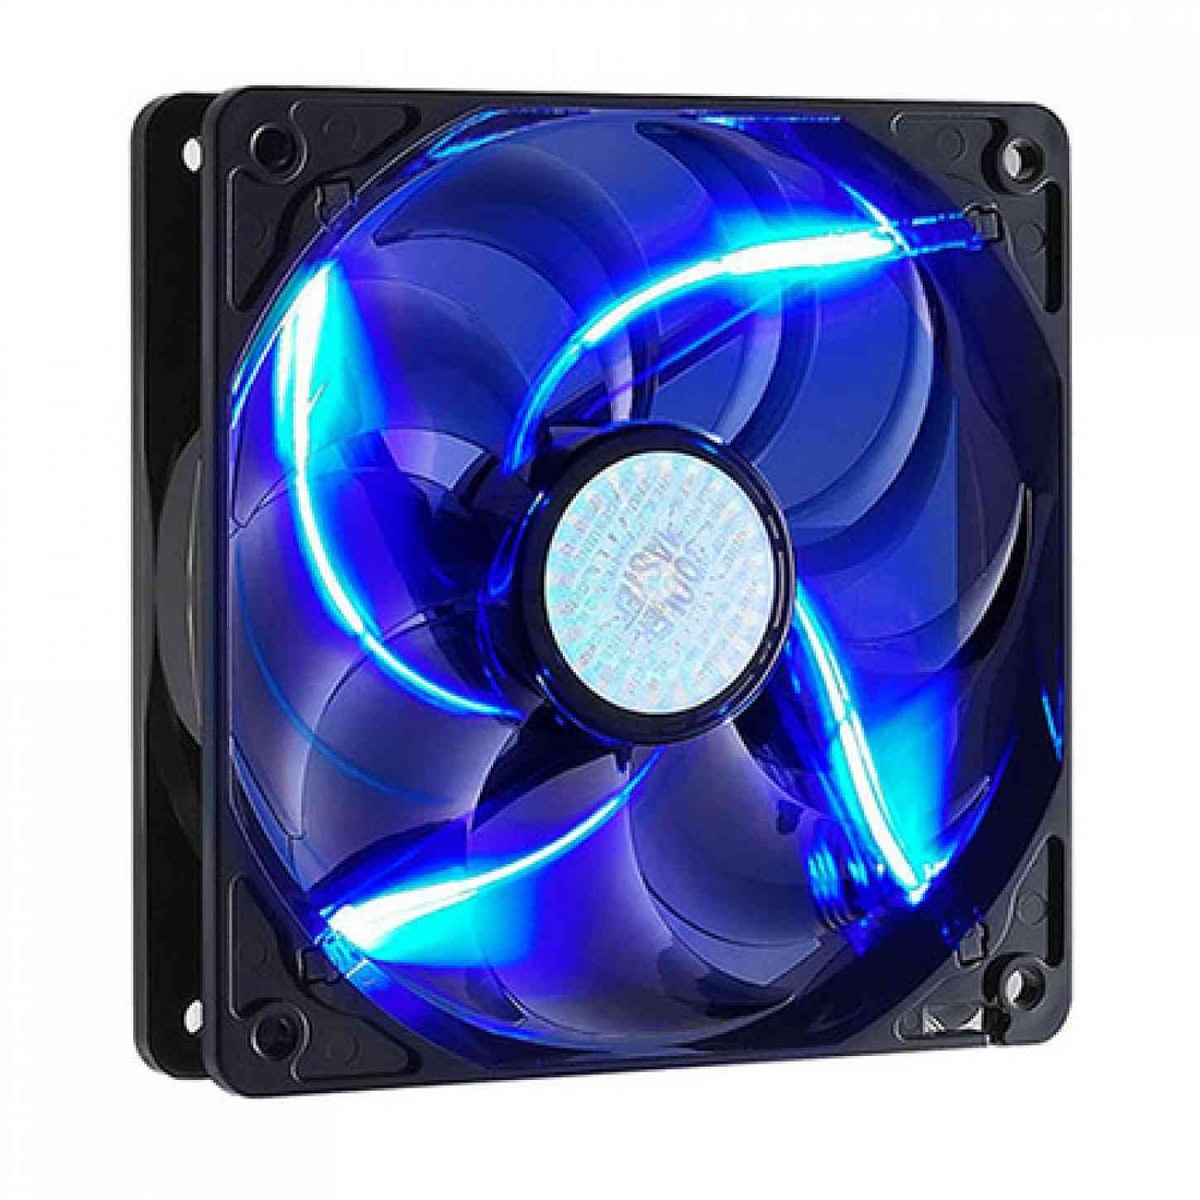 Cooler Master Computer Case Cooler